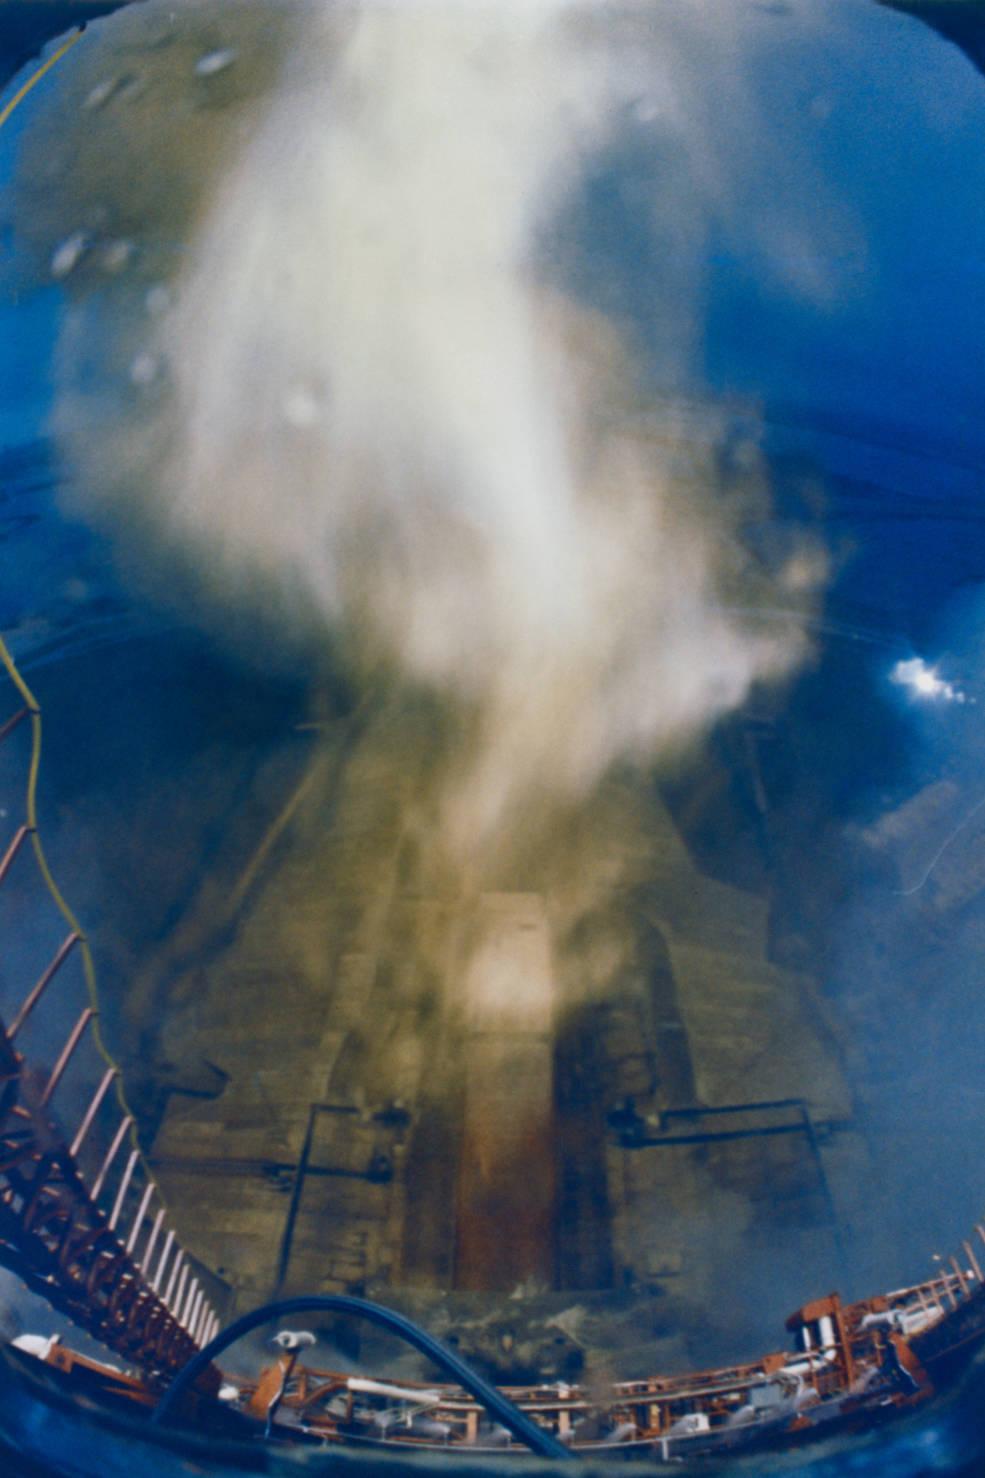 apollo_12_launch_from_lut_seq_6_nov_14_1969